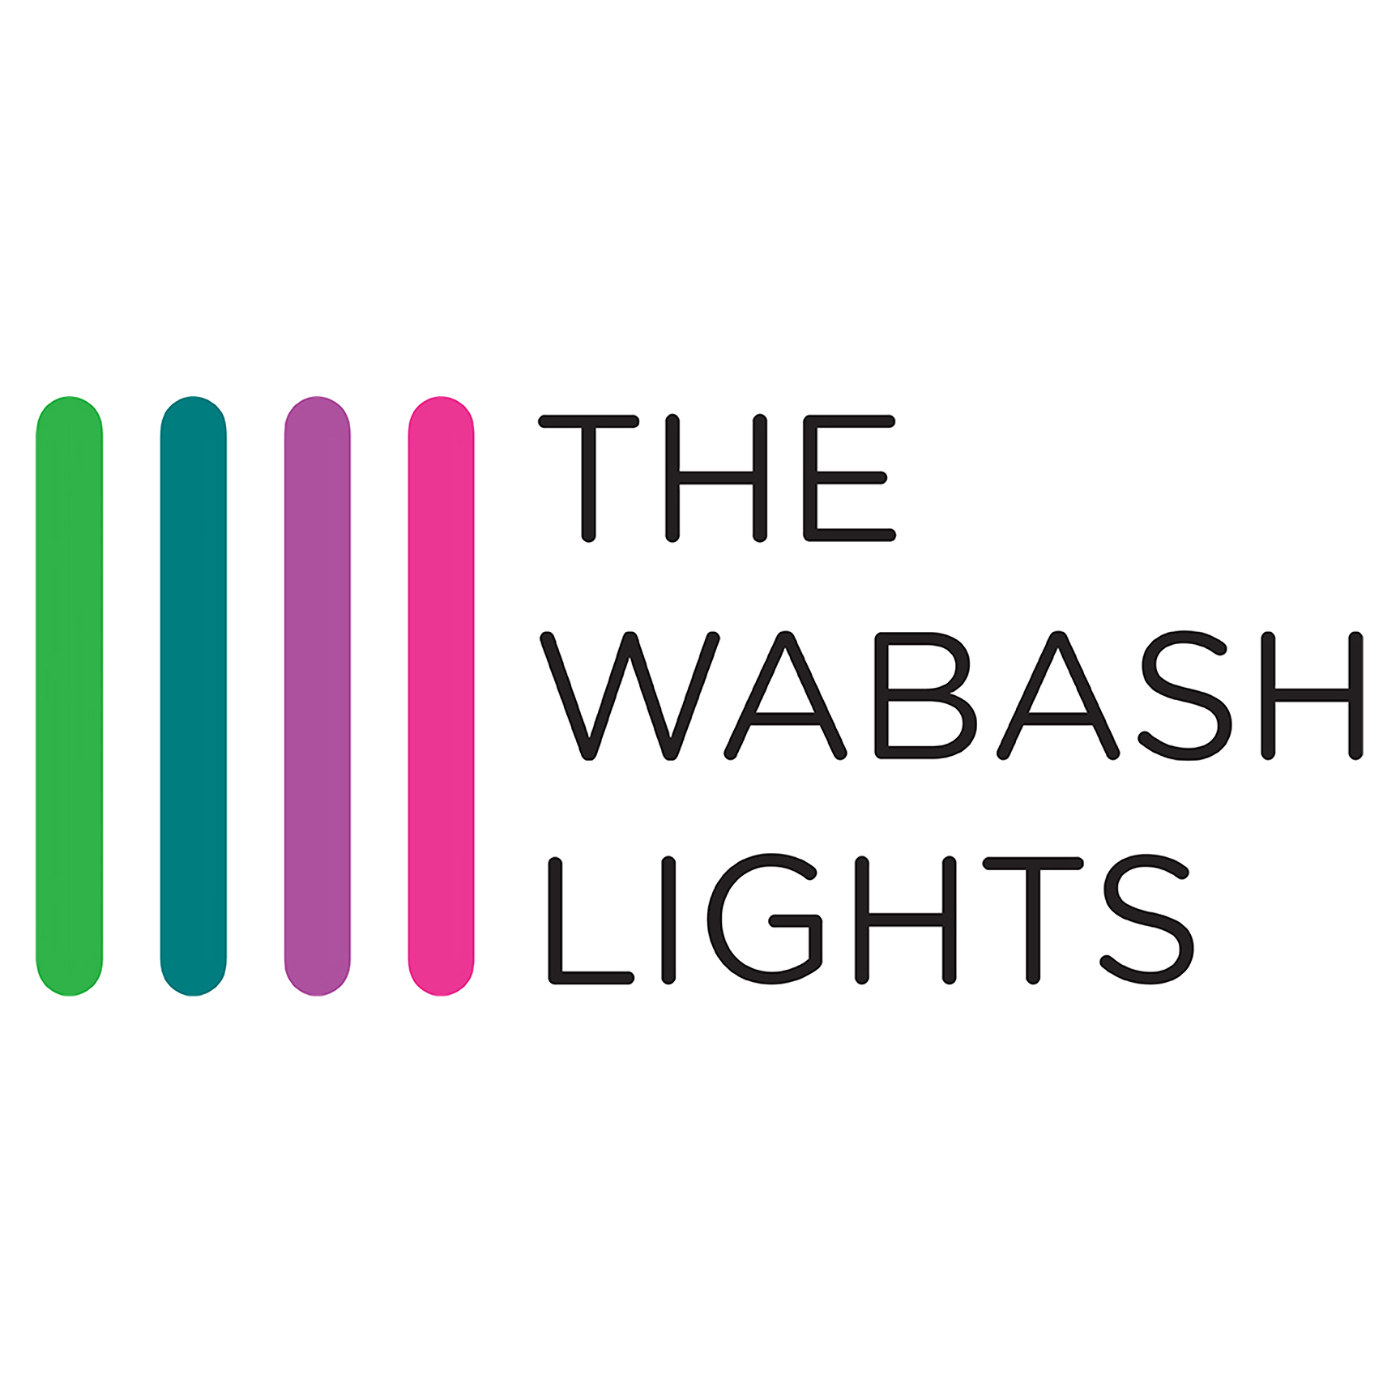 TWL - The Wabash Lights